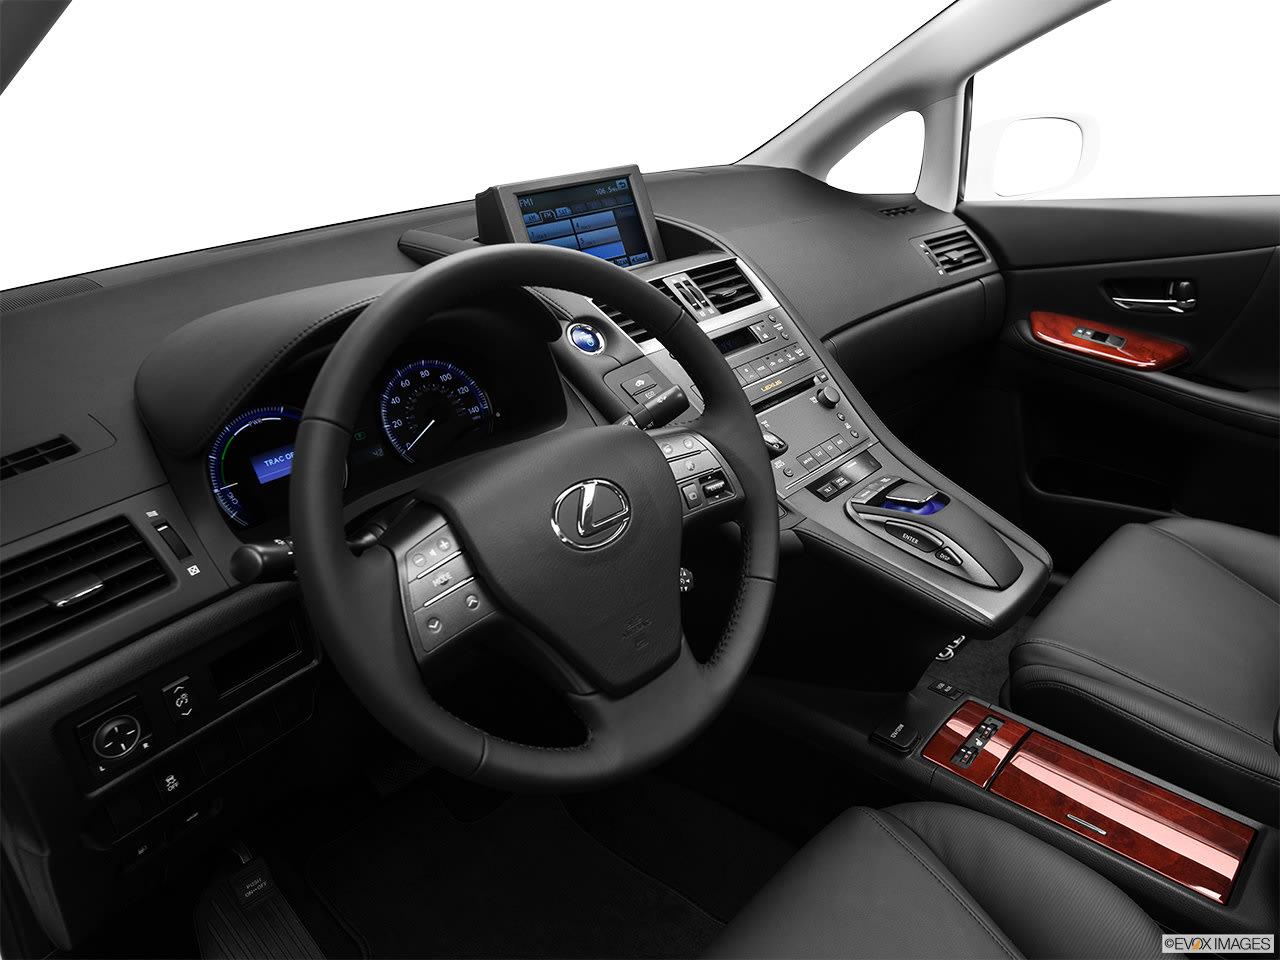 Lexus HS 250h 2012 Interior